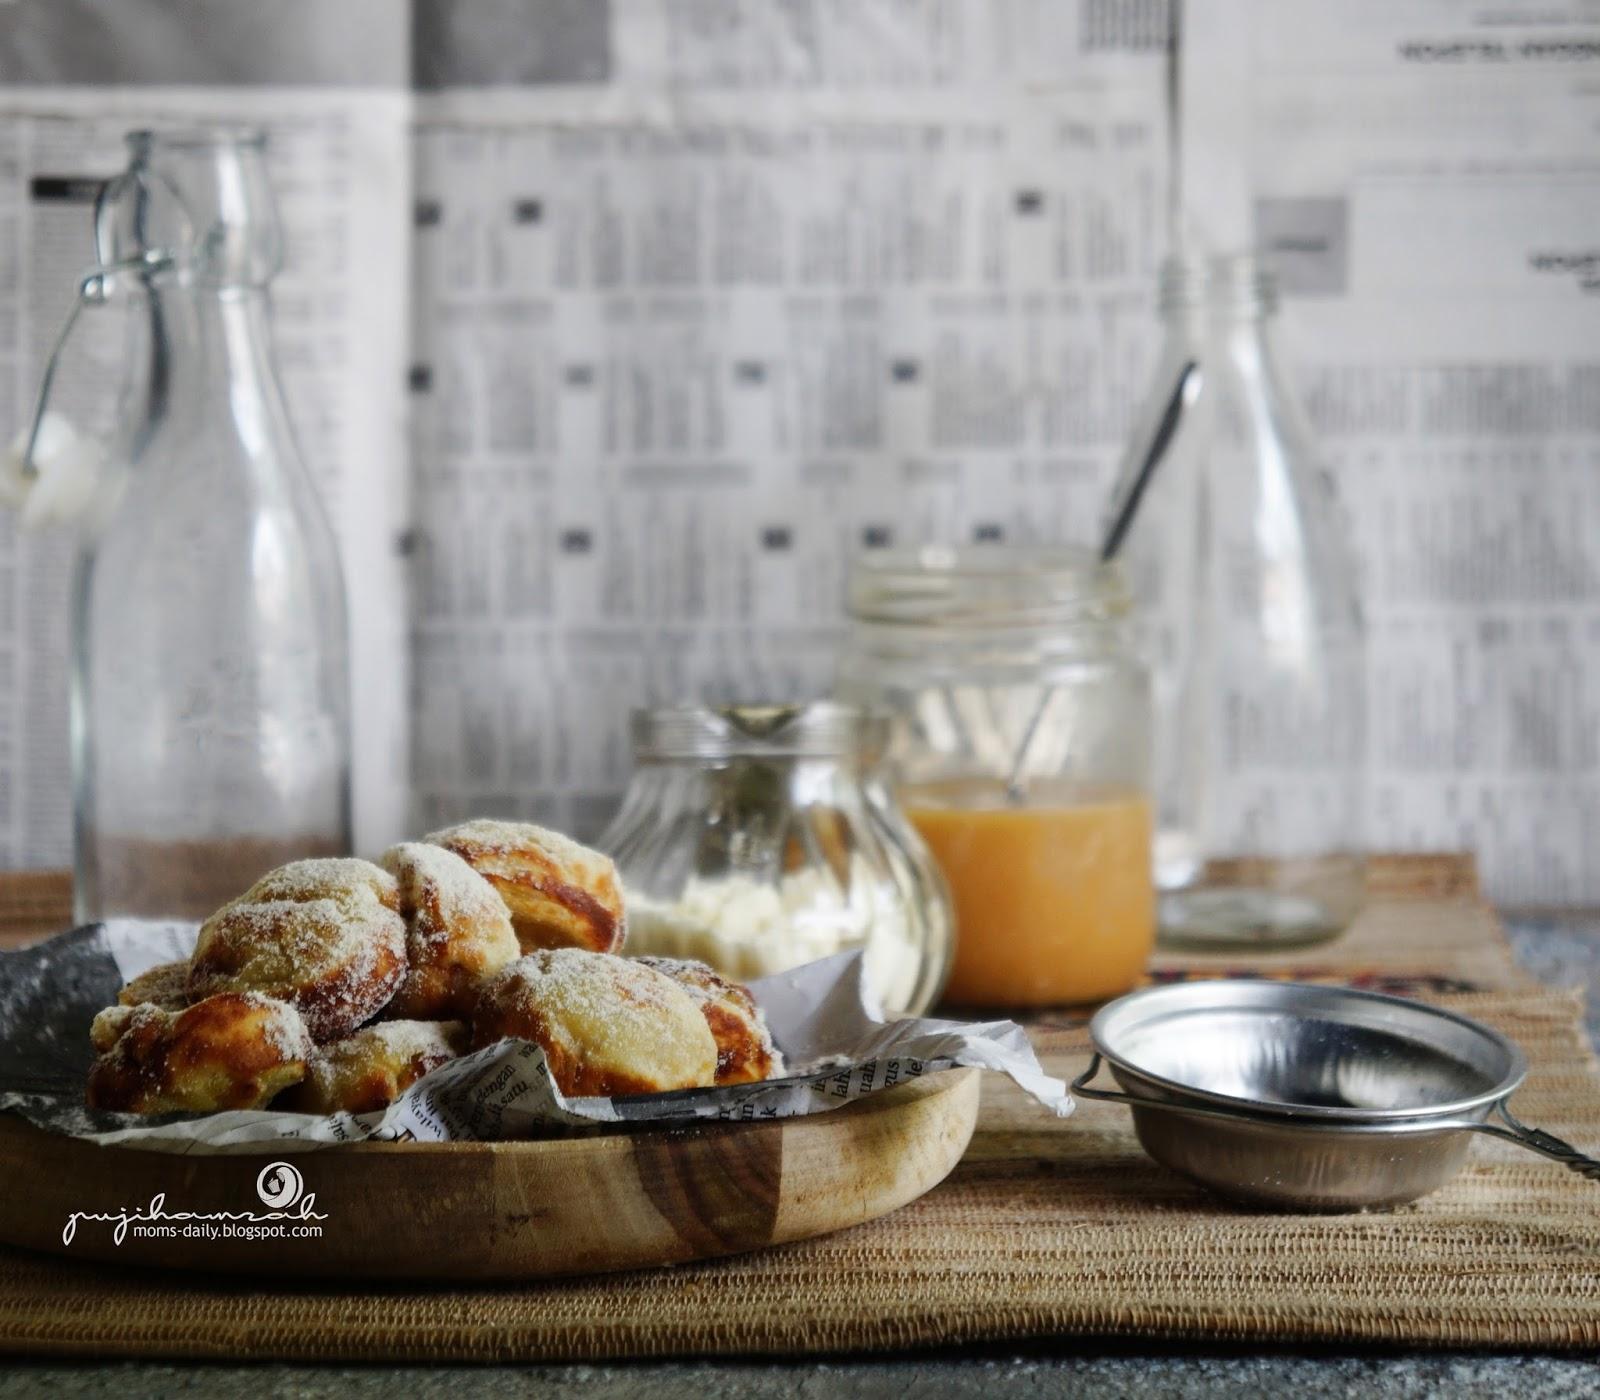 Mama's Daily Report: Cerita Tentang Roti Pisang Banjar Dan